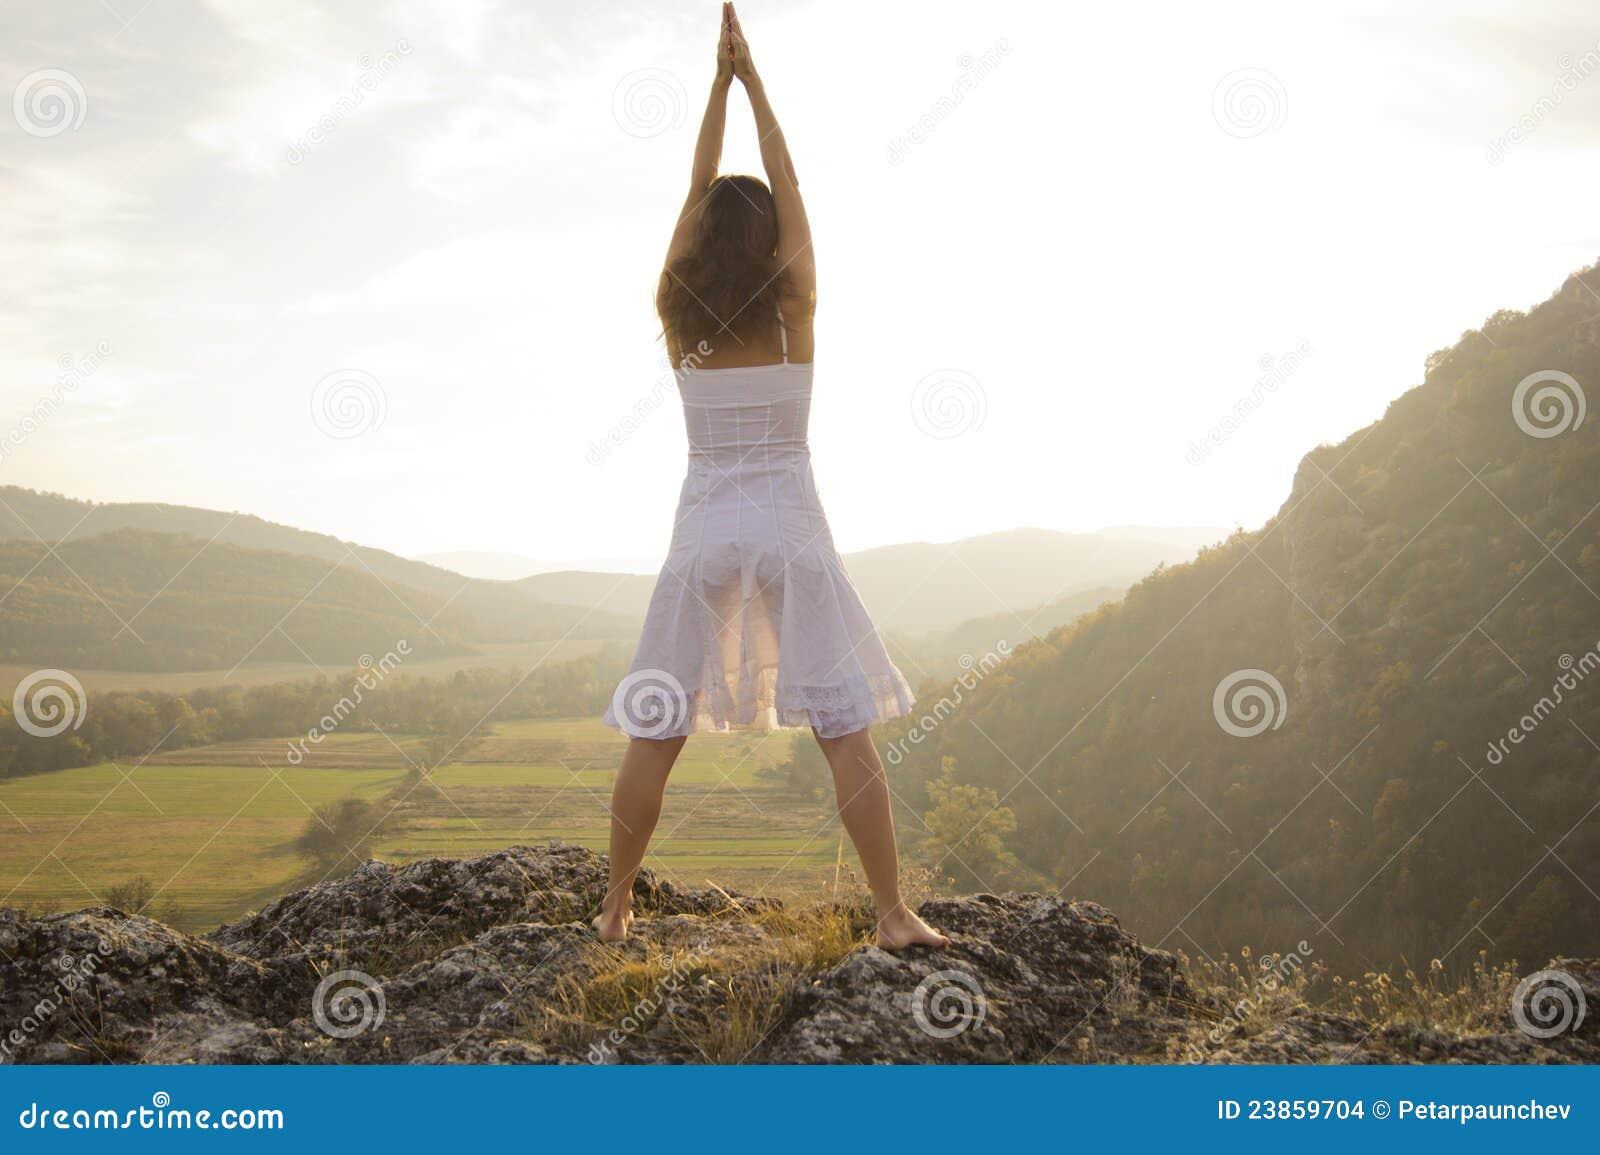 Relèvement des bras pour saluer le soleil